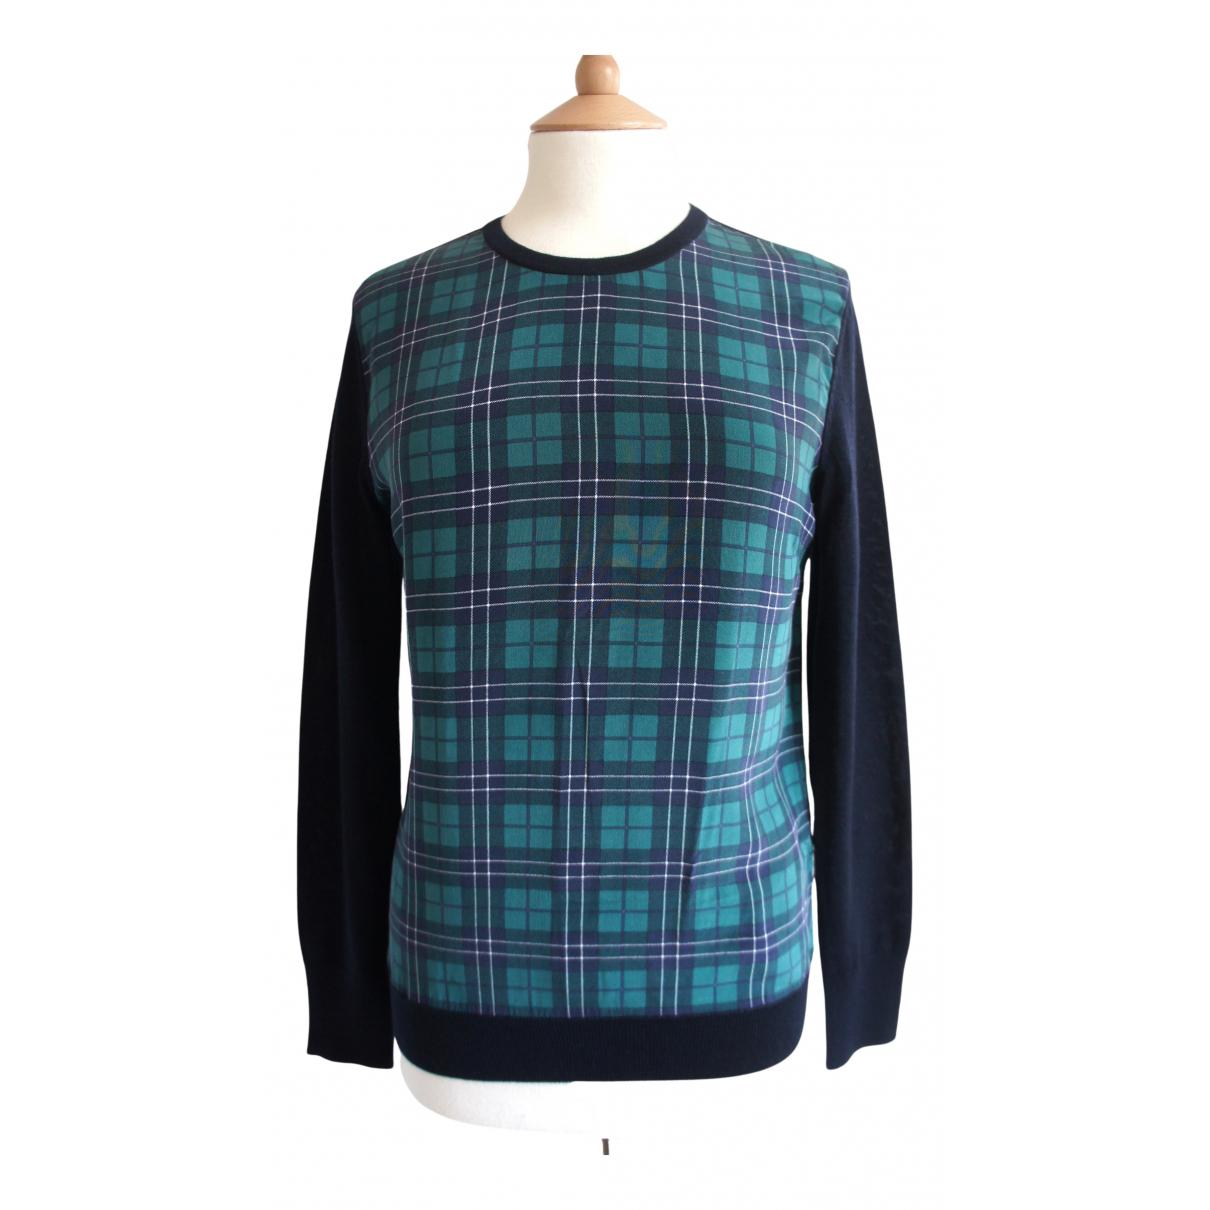 Equipment N Navy Wool Knitwear for Women XS International